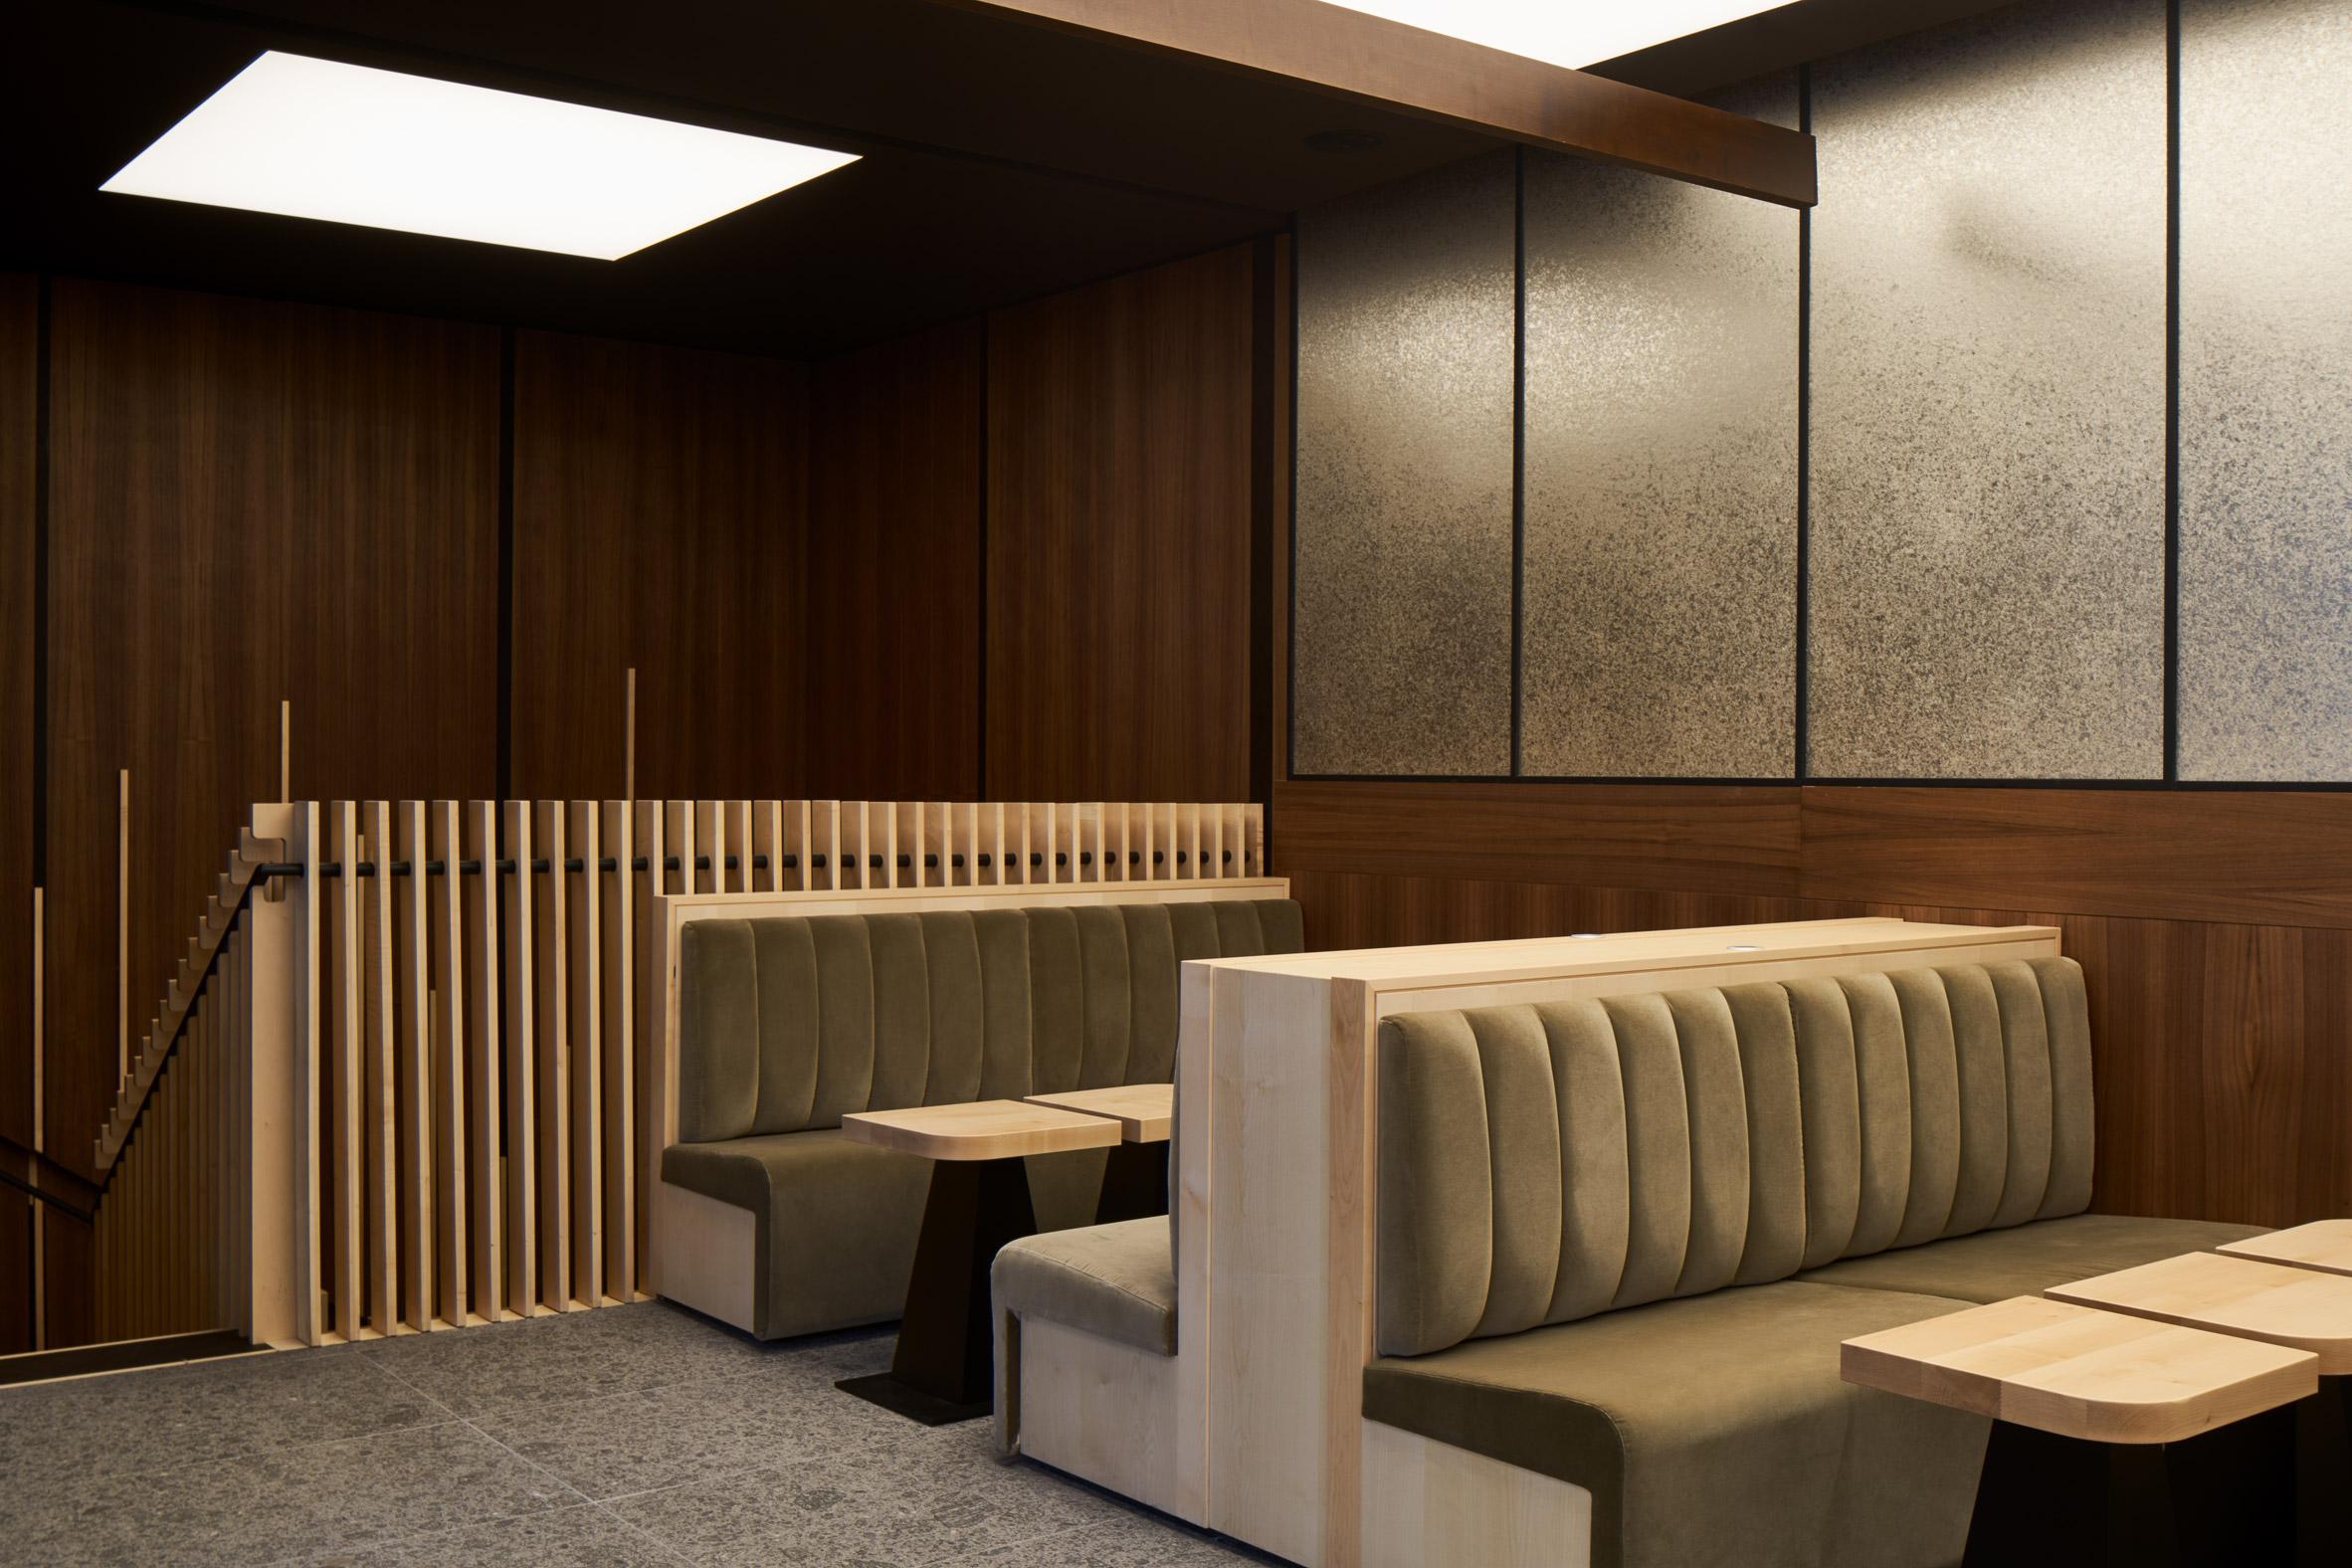 Thiết kế nội thất nhà hàng Nhật Bàn 12